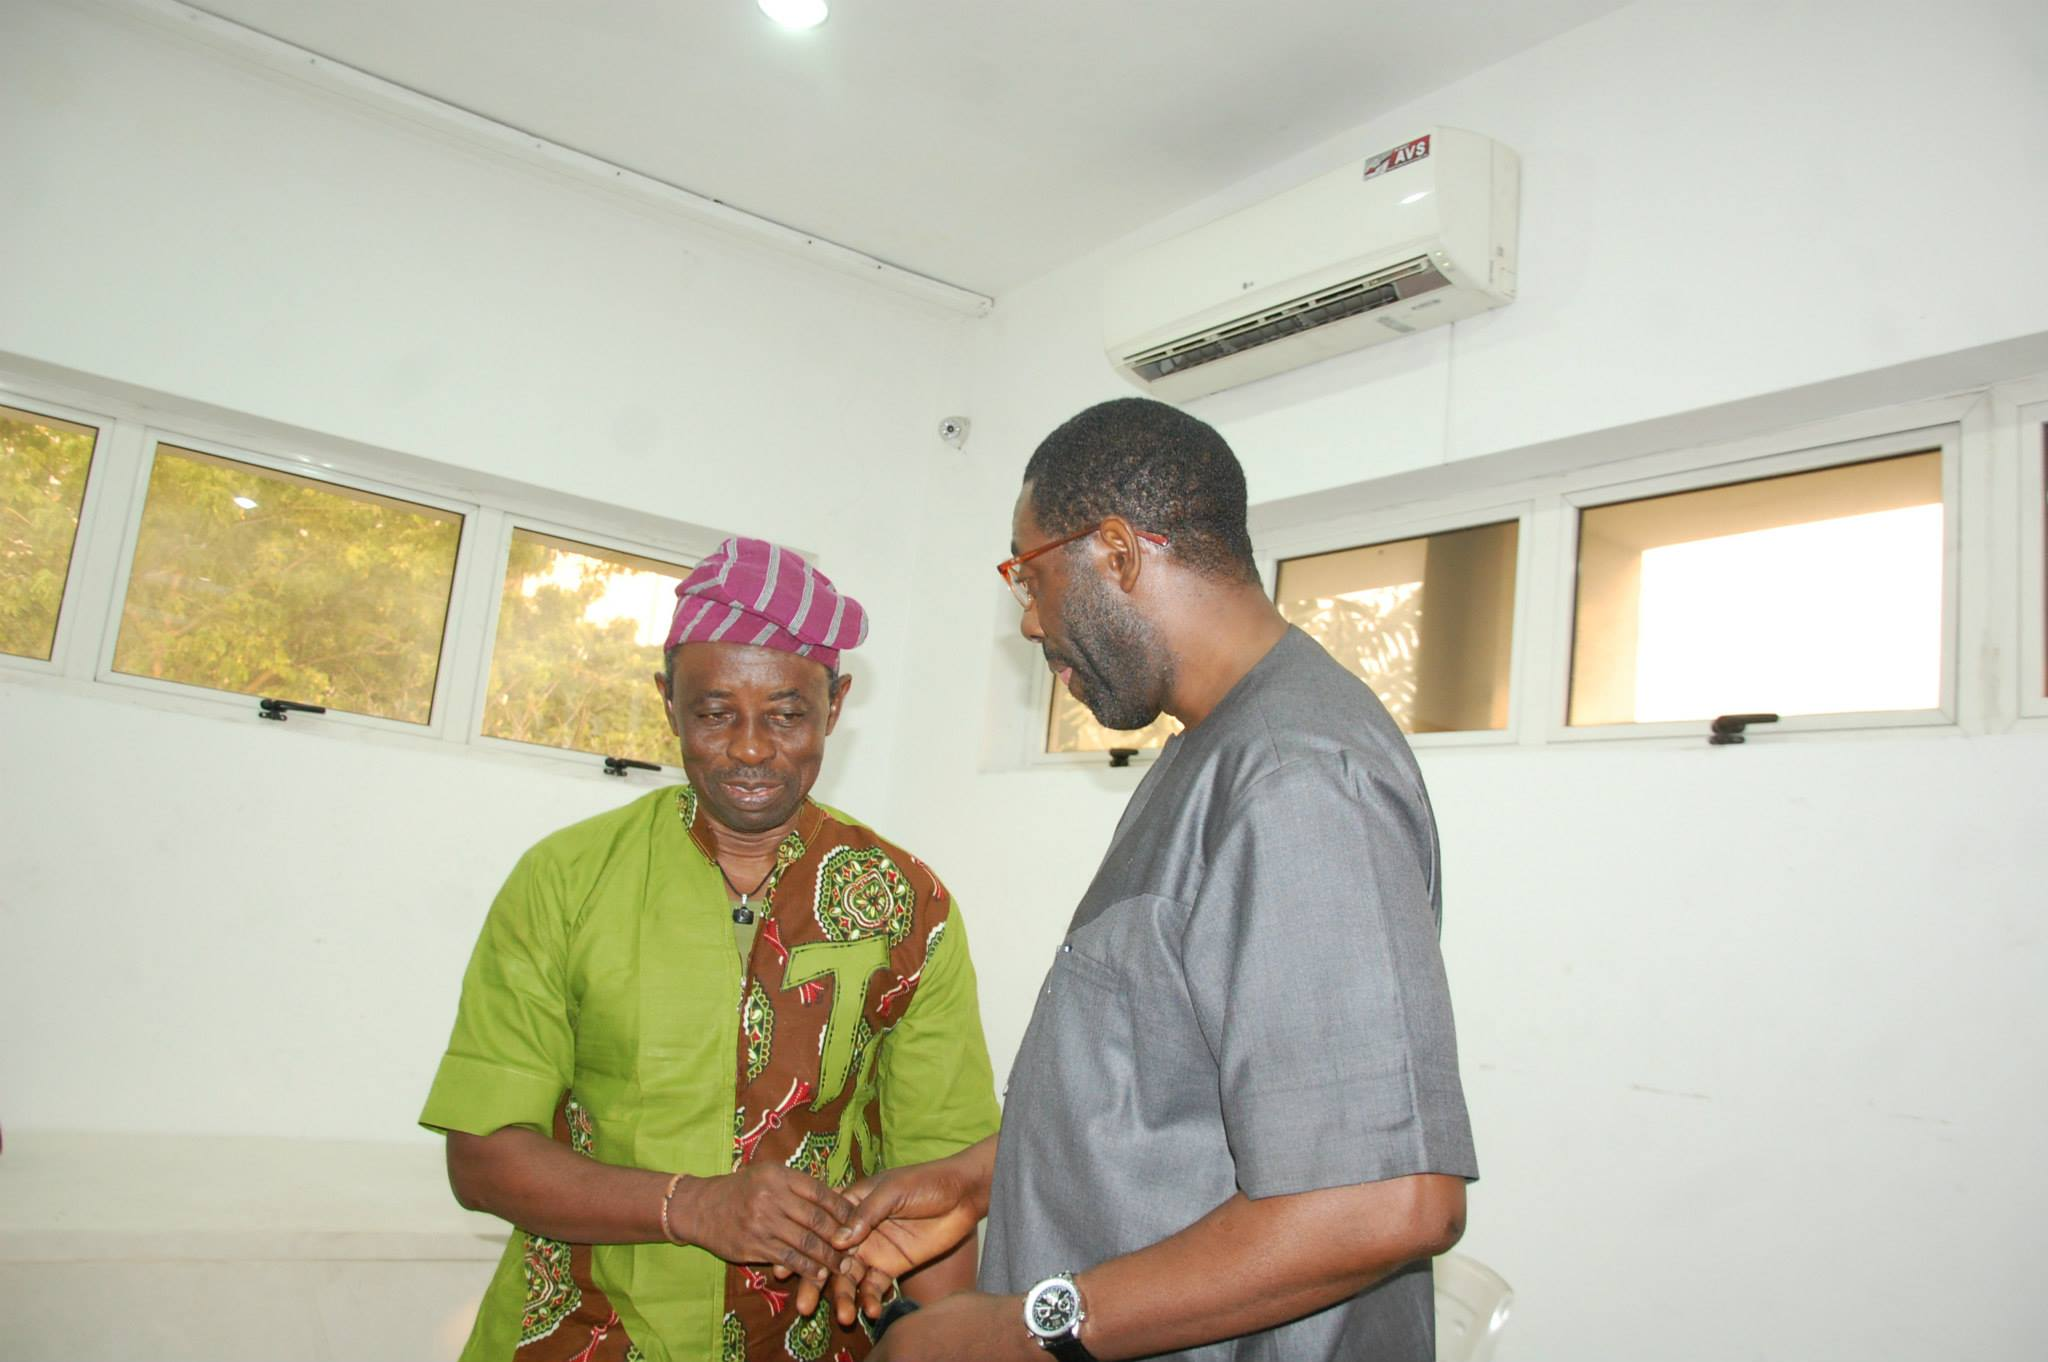 Tunde Kelani and Femi Odugbemi Founder of iREP